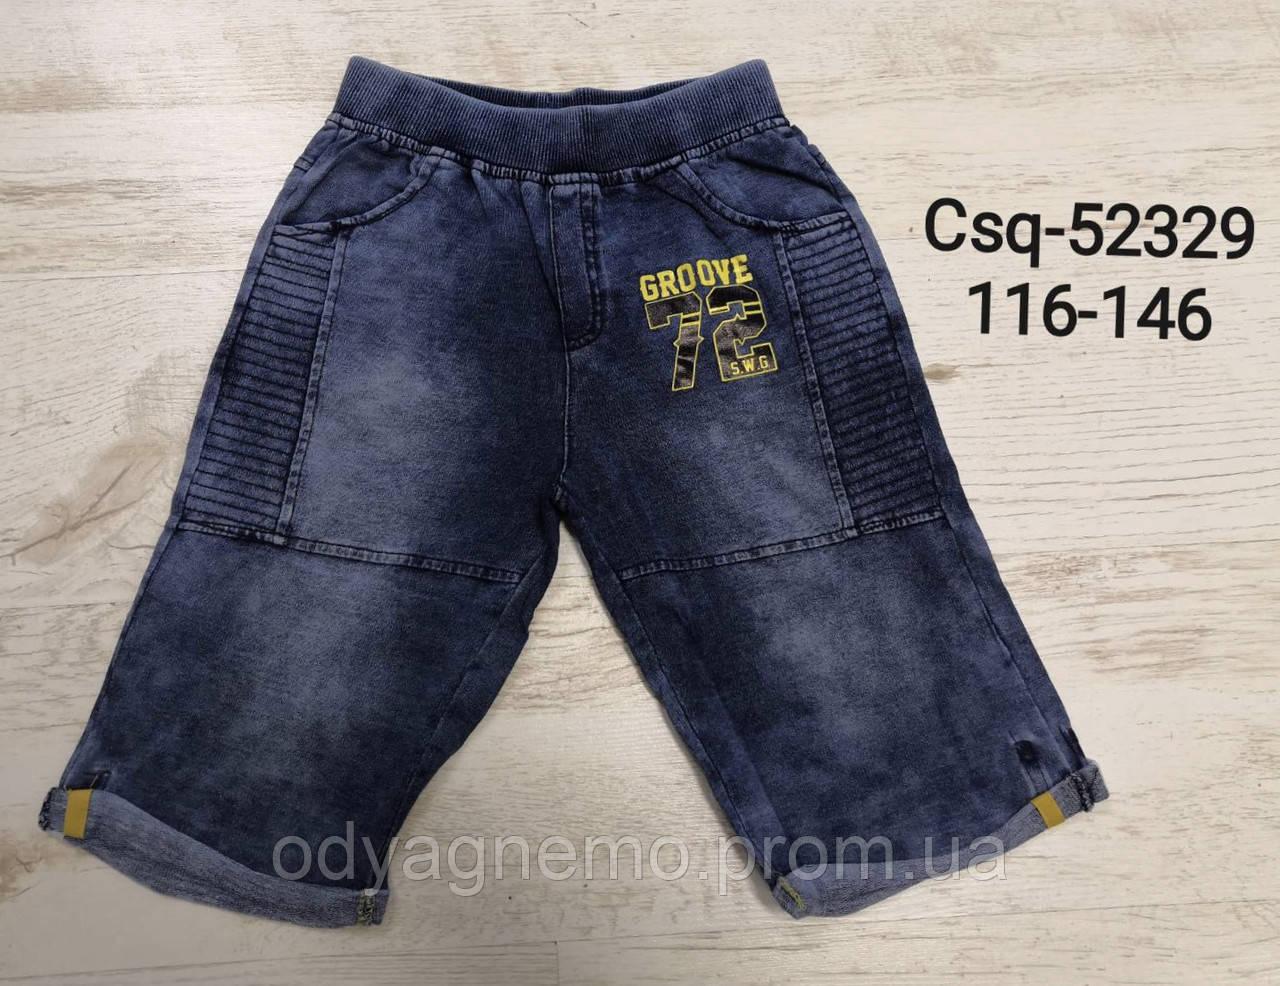 Шорты с имитацией джинсы для мальчиков Seagull, 116-146 рр. Артикул: CSQ52329